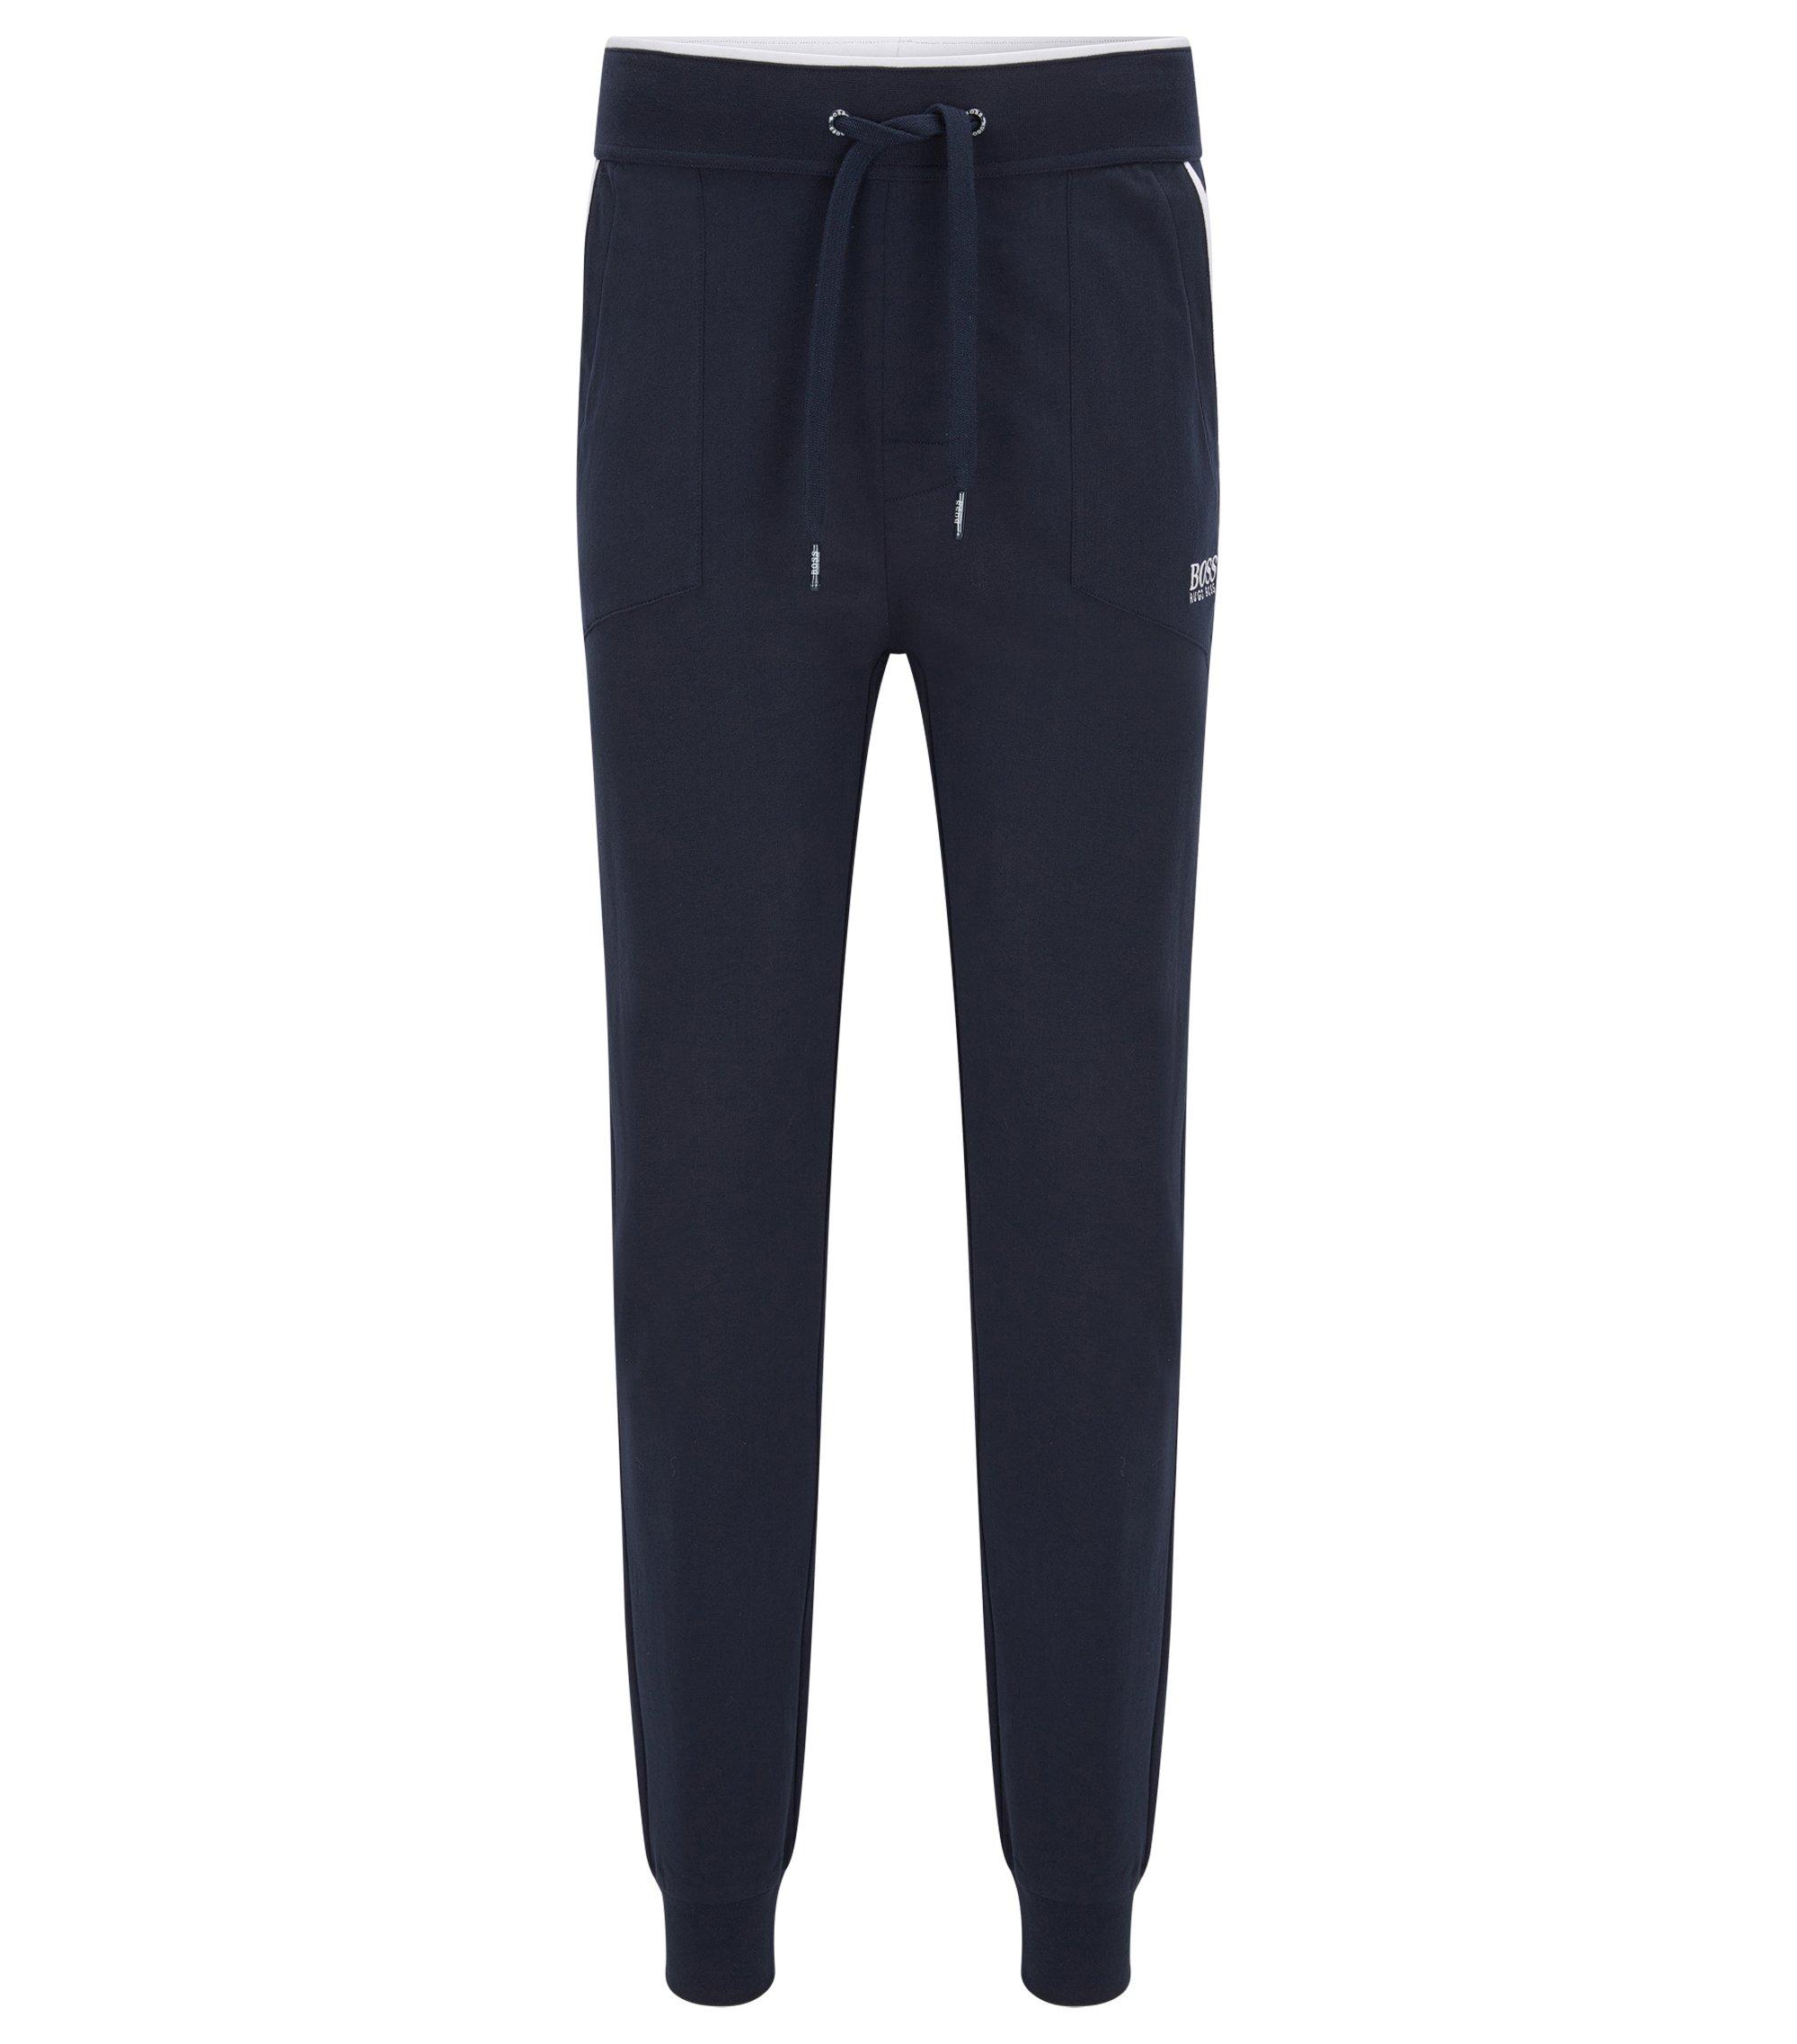 Loungewear-Hose aus Baumwolle mit aufgesetzten Taschen und kontrastfarbenen Paspeln, Dunkelblau